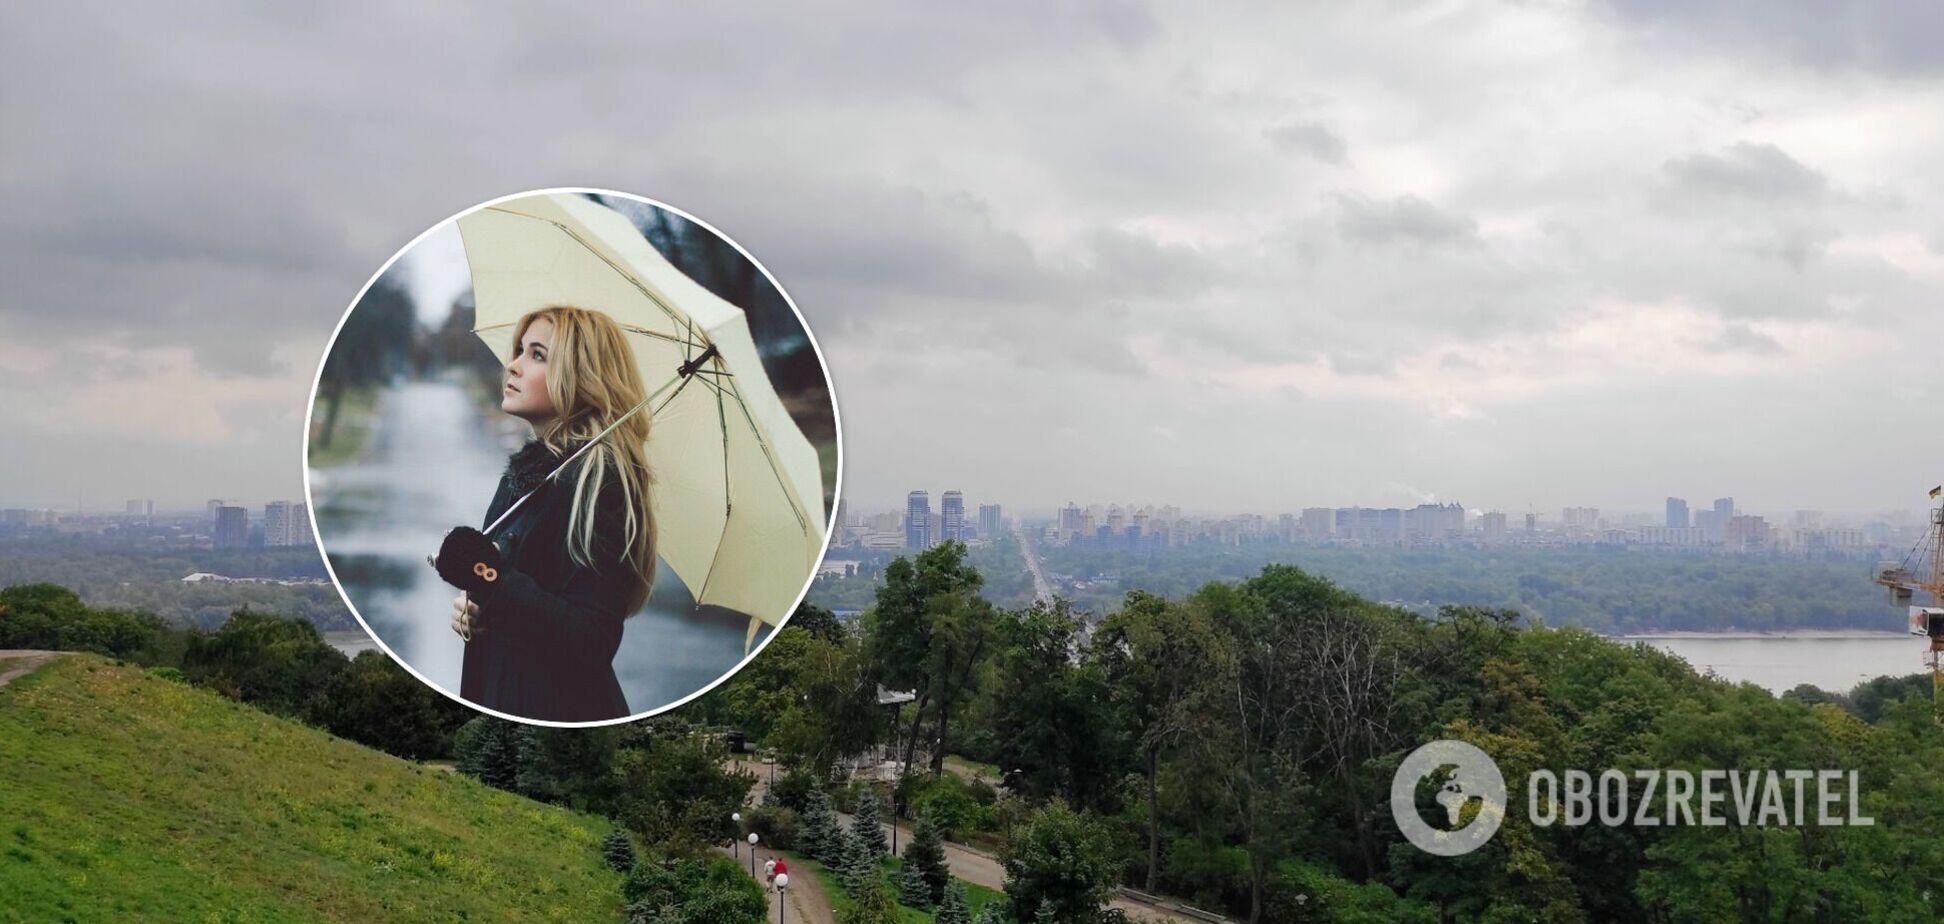 Усі дні в столиці можливі дощі